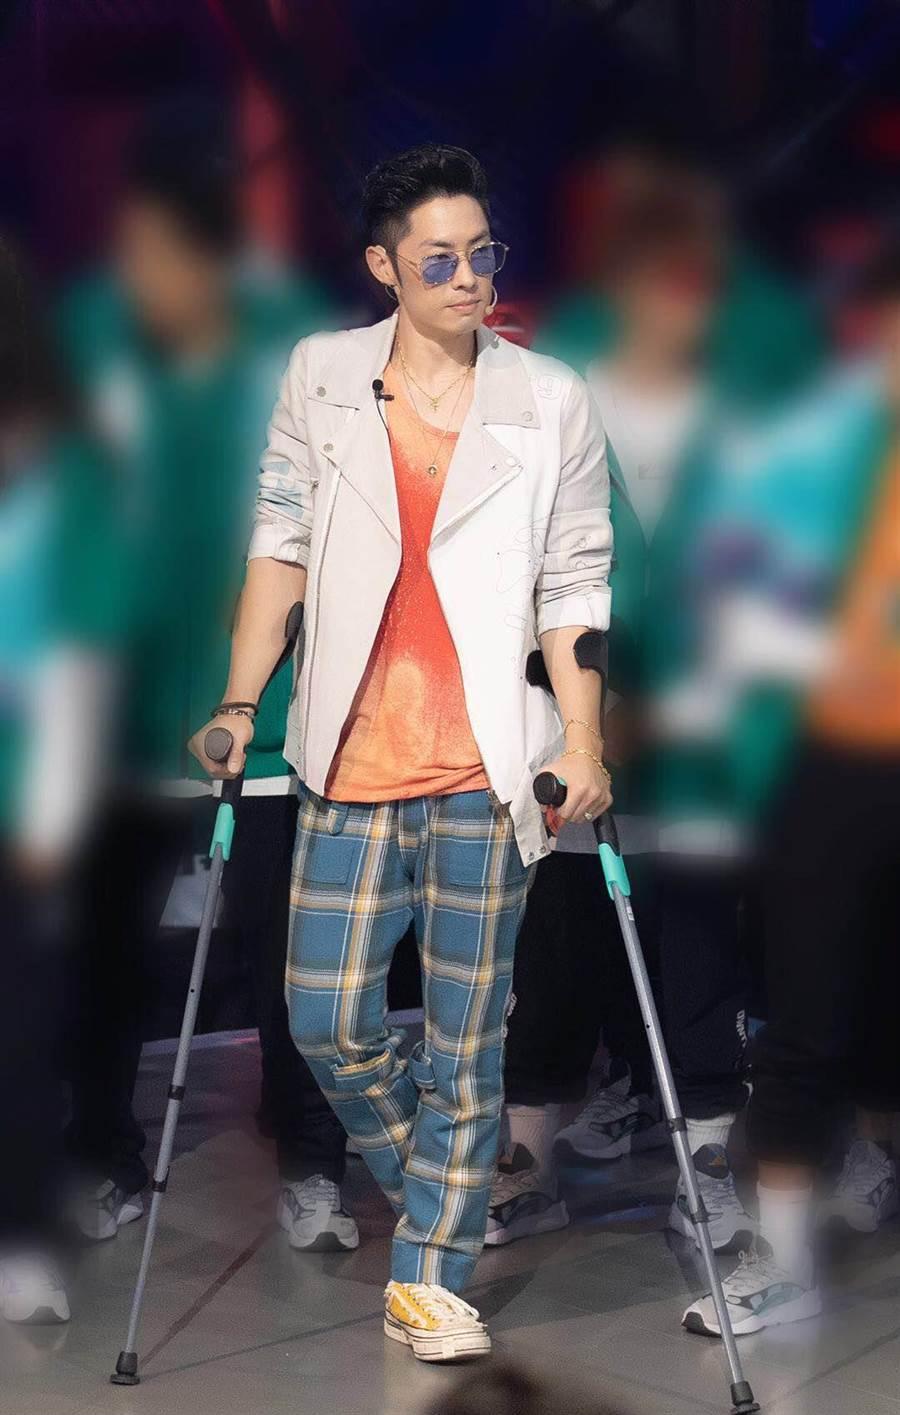 吳建豪日前練舞不慎受傷。(環球提供)